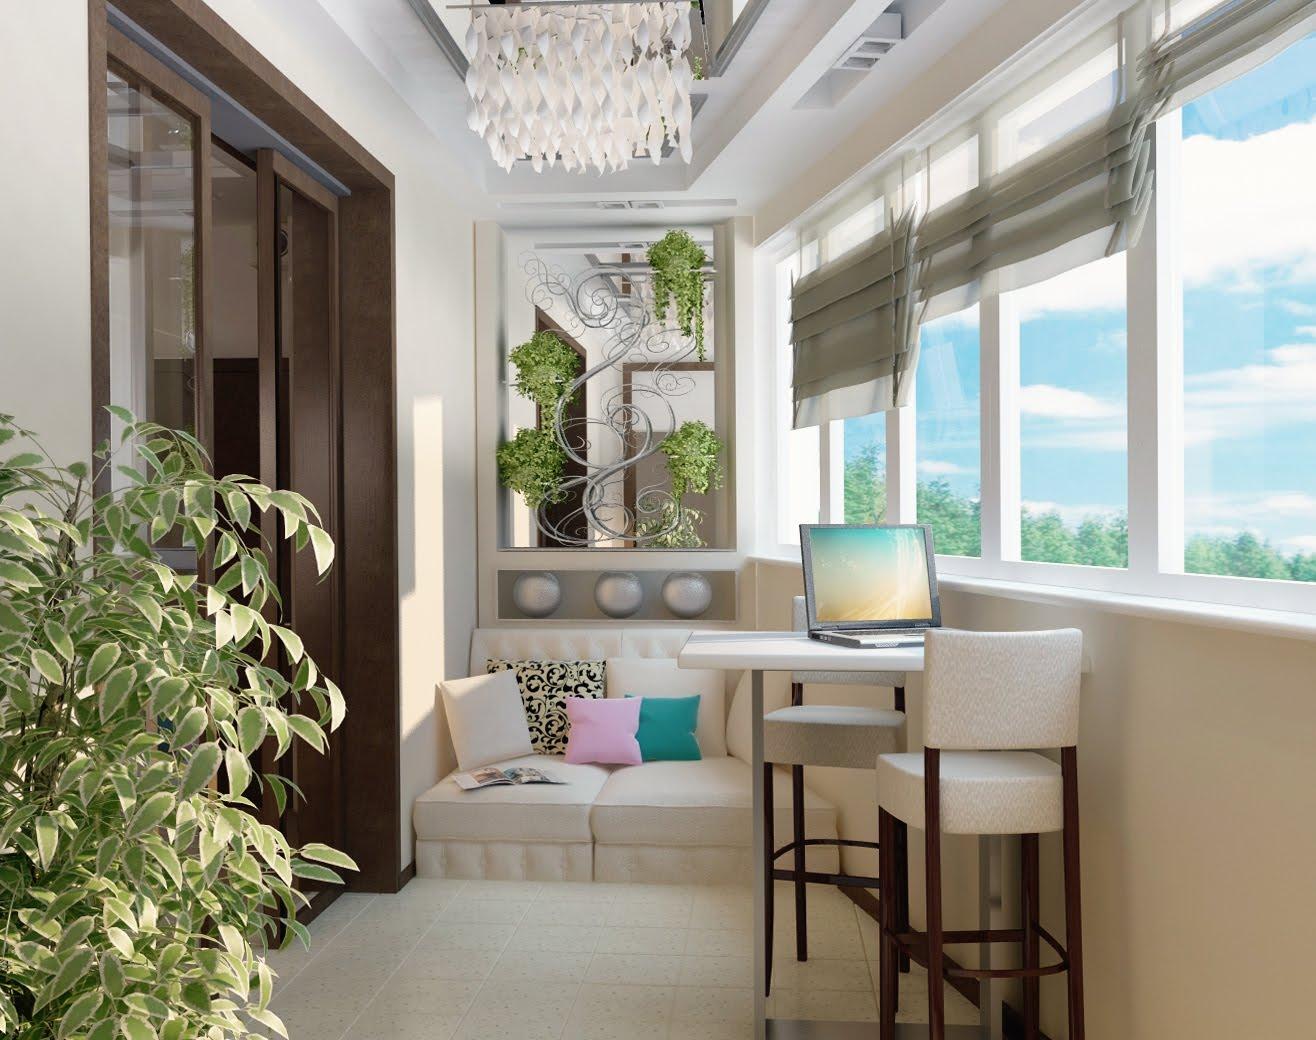 Дизайн теплого балкона фото 2016 современные идеи